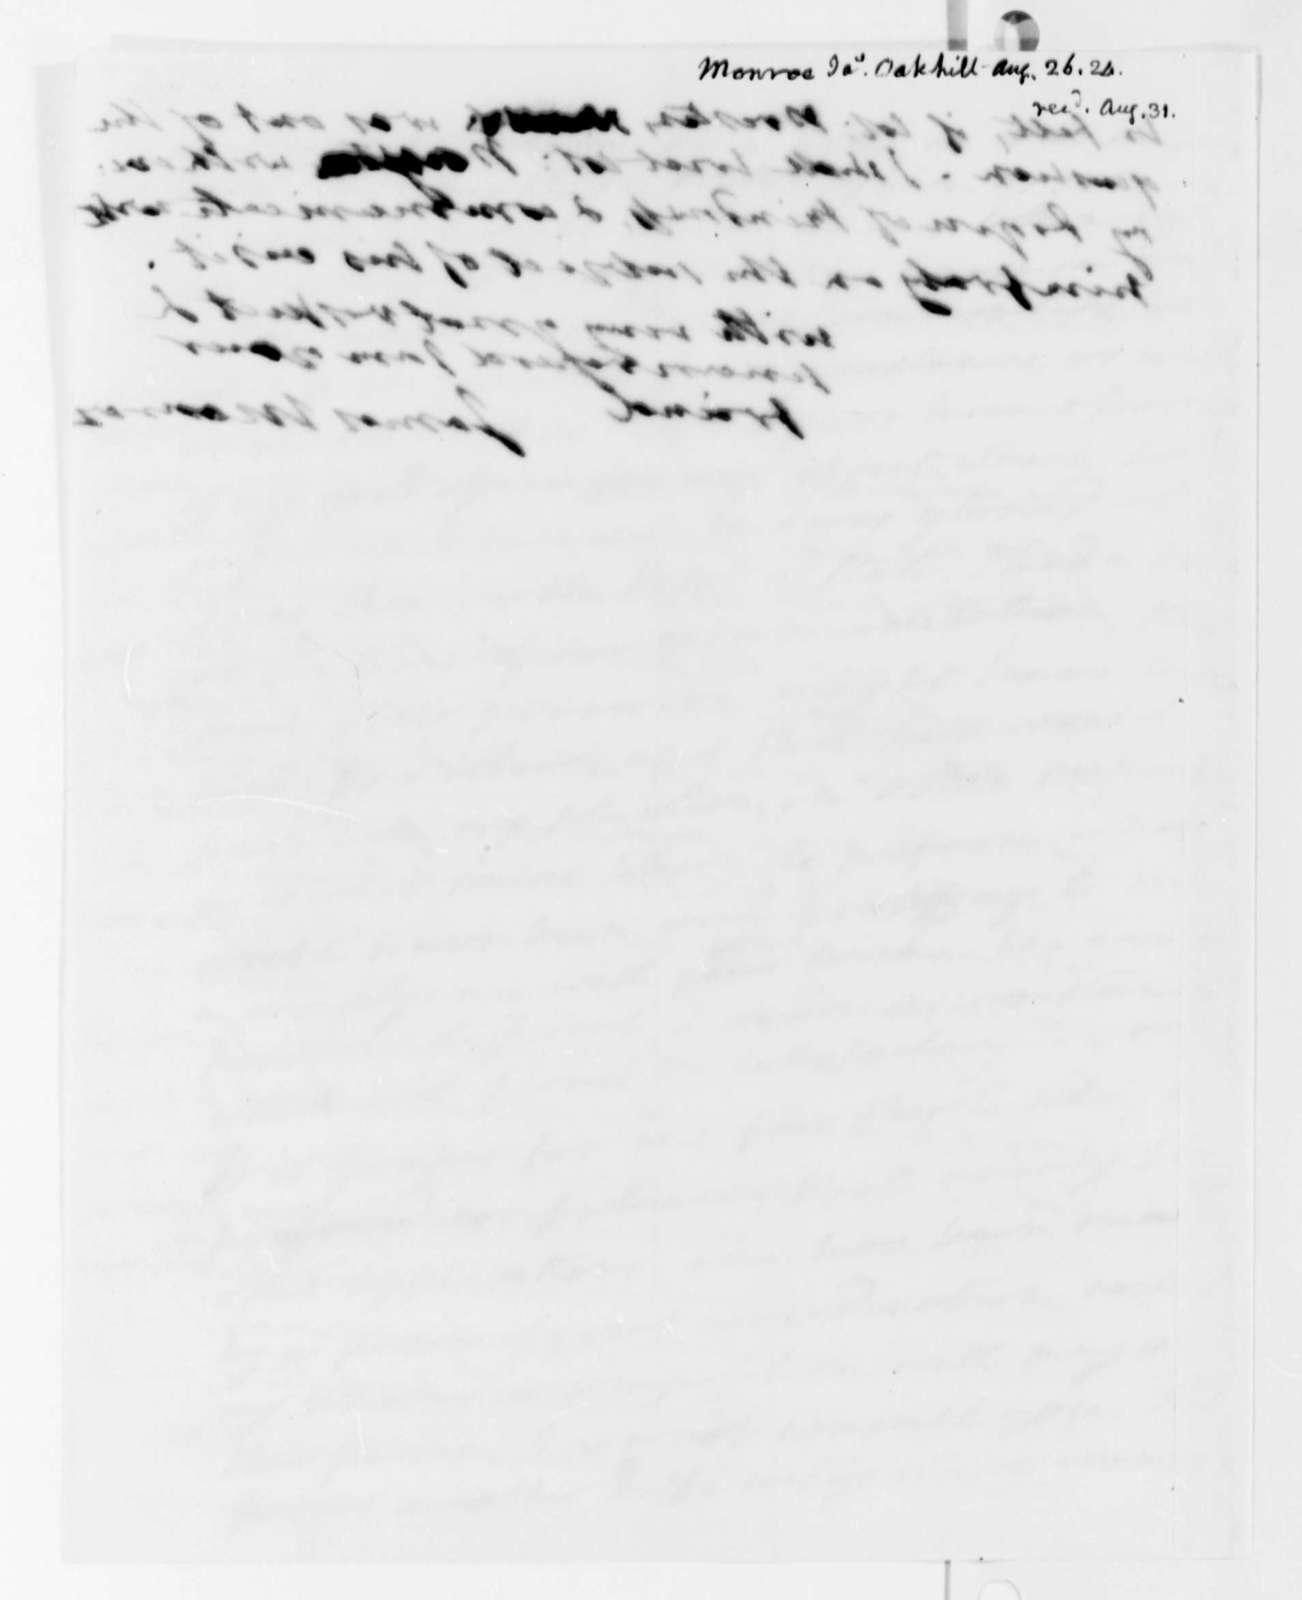 James Monroe to Thomas Jefferson, August 26, 1824